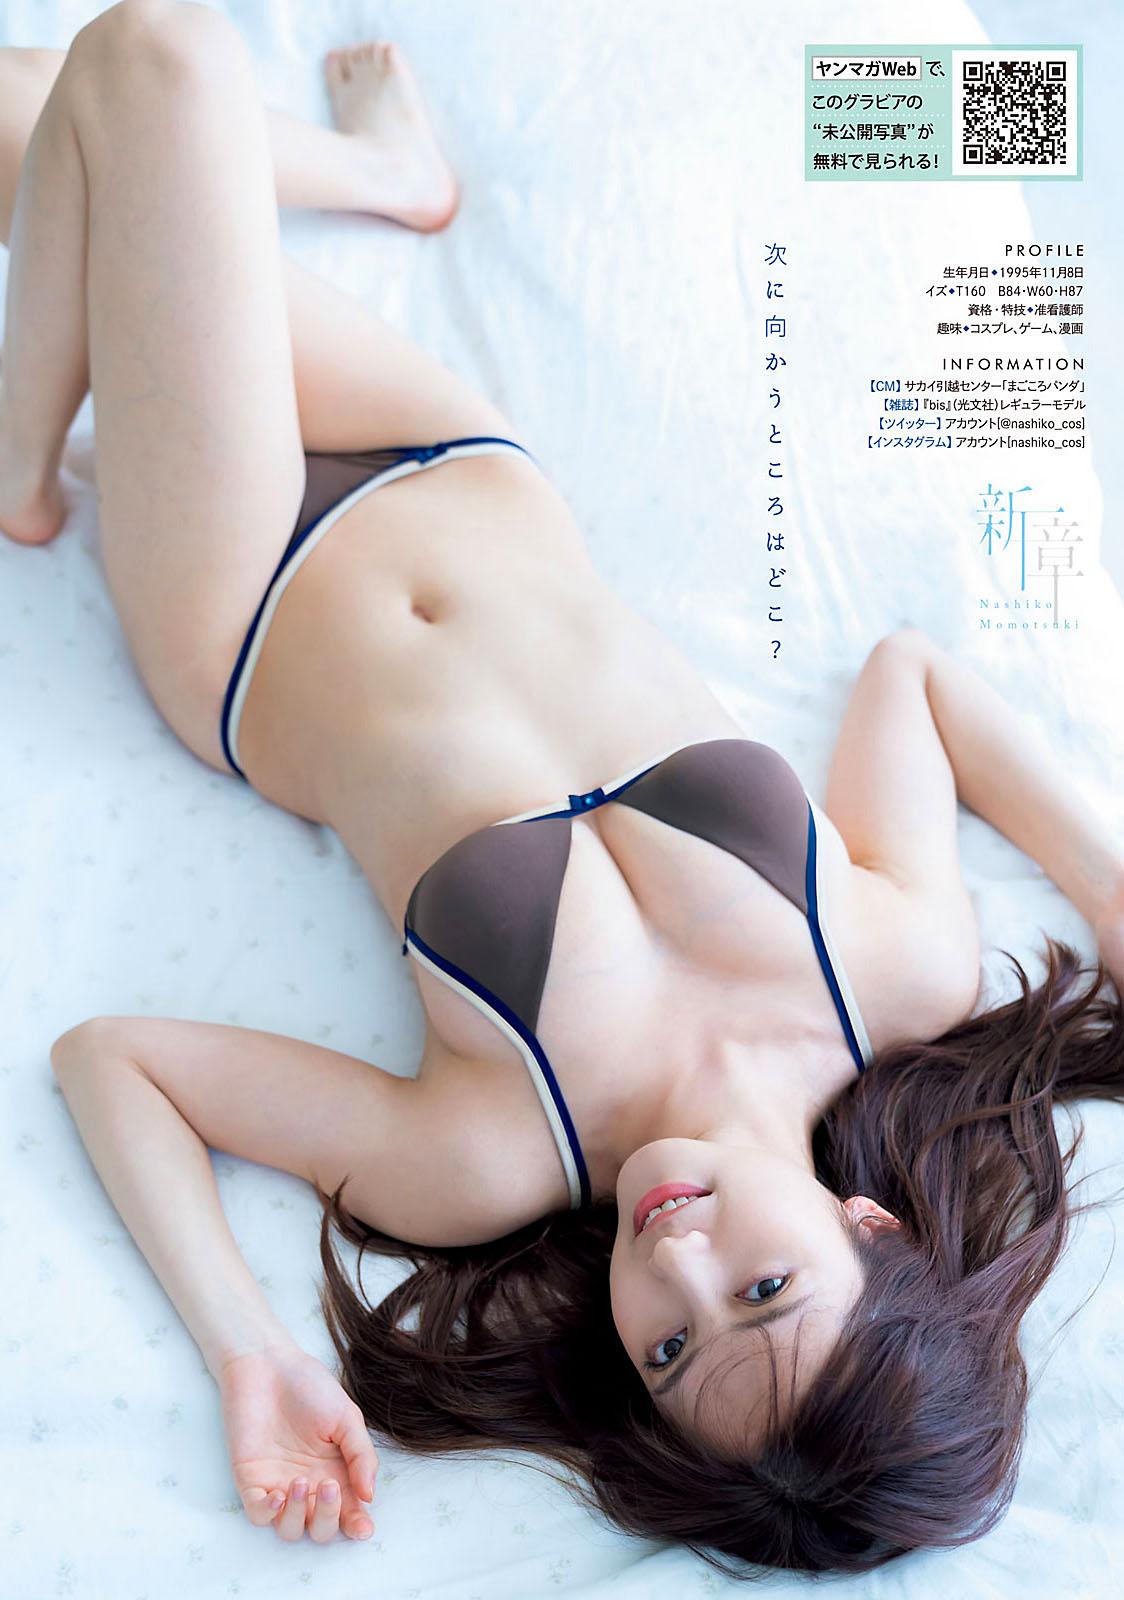 Nashiko Momotsuki Young Magazine 210524 08.jpg